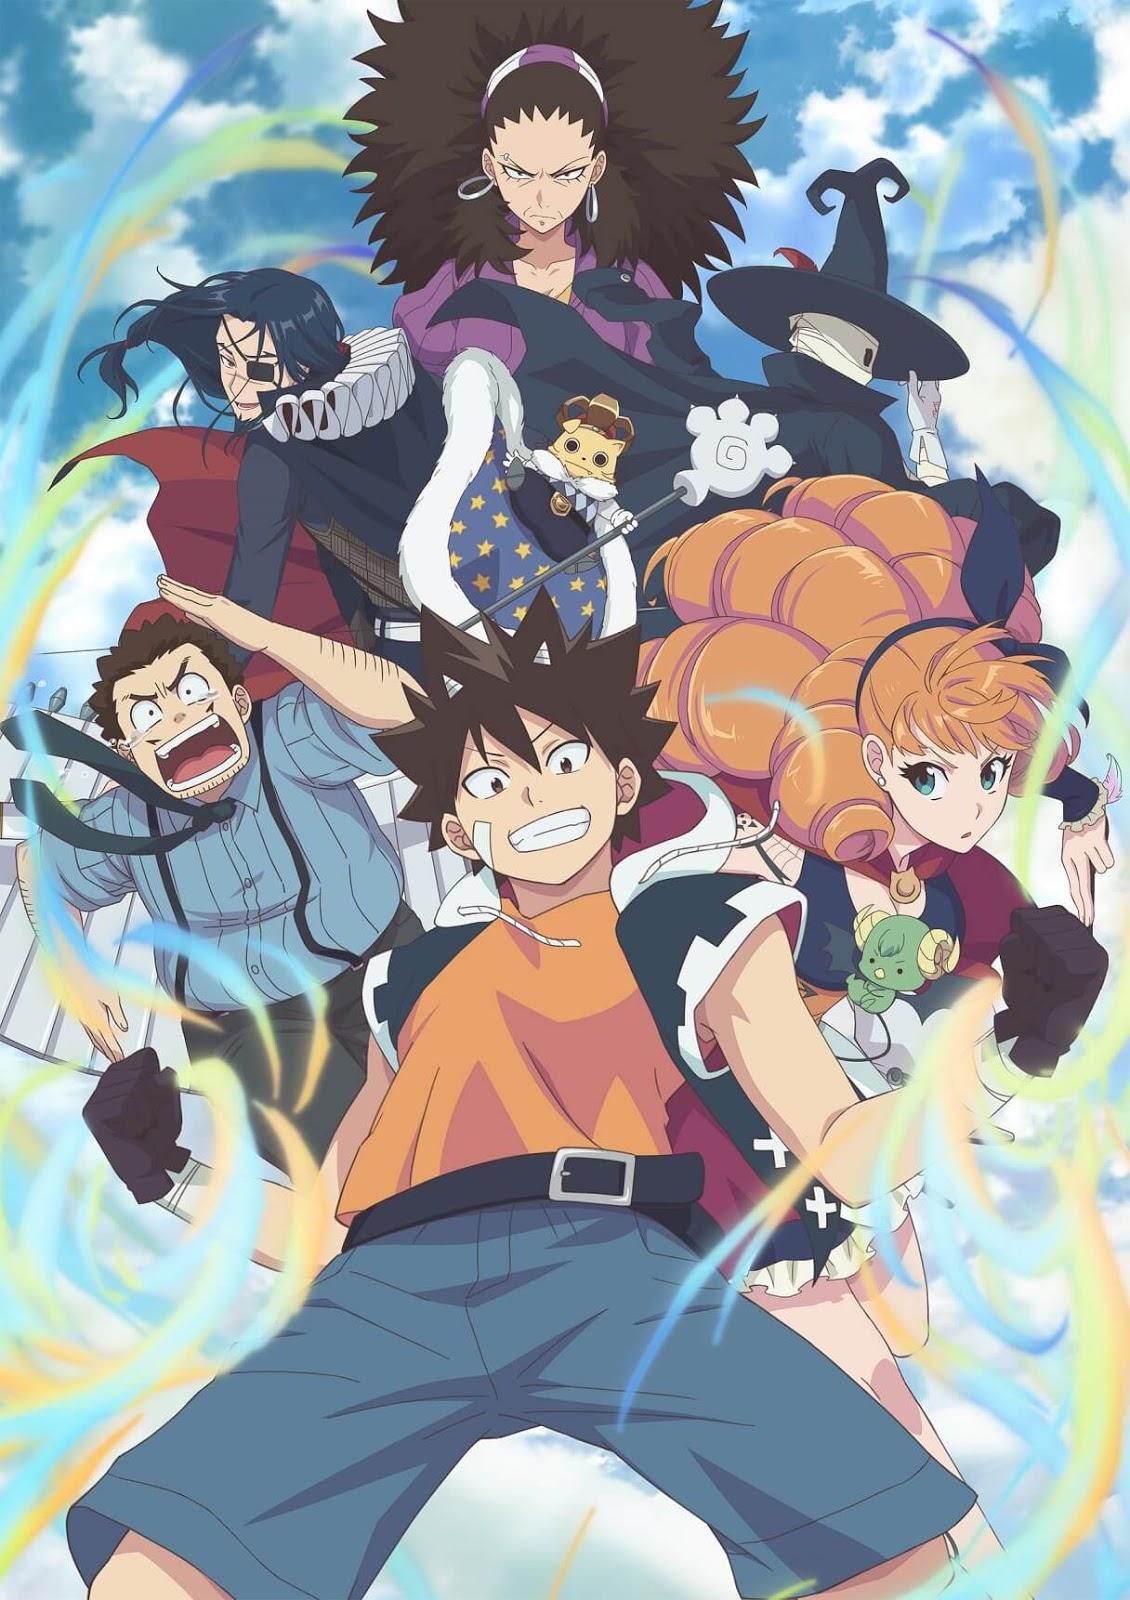 Radiant - anime baseado em mangá francês estreia em outubro